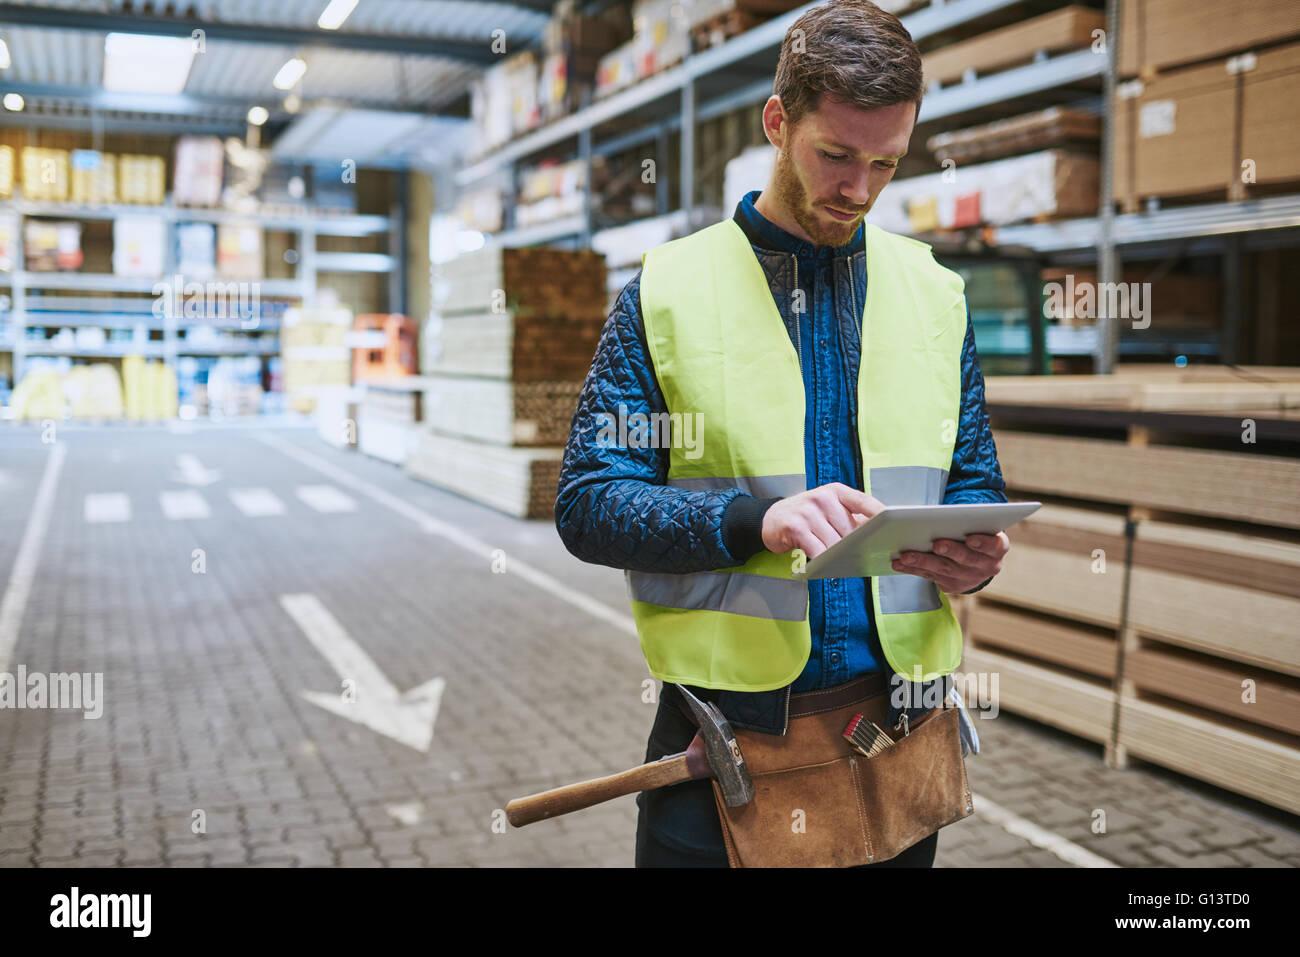 Joven trabajador de almacén que tratan en suministros para la construcción de pie en una unidad a través Imagen De Stock